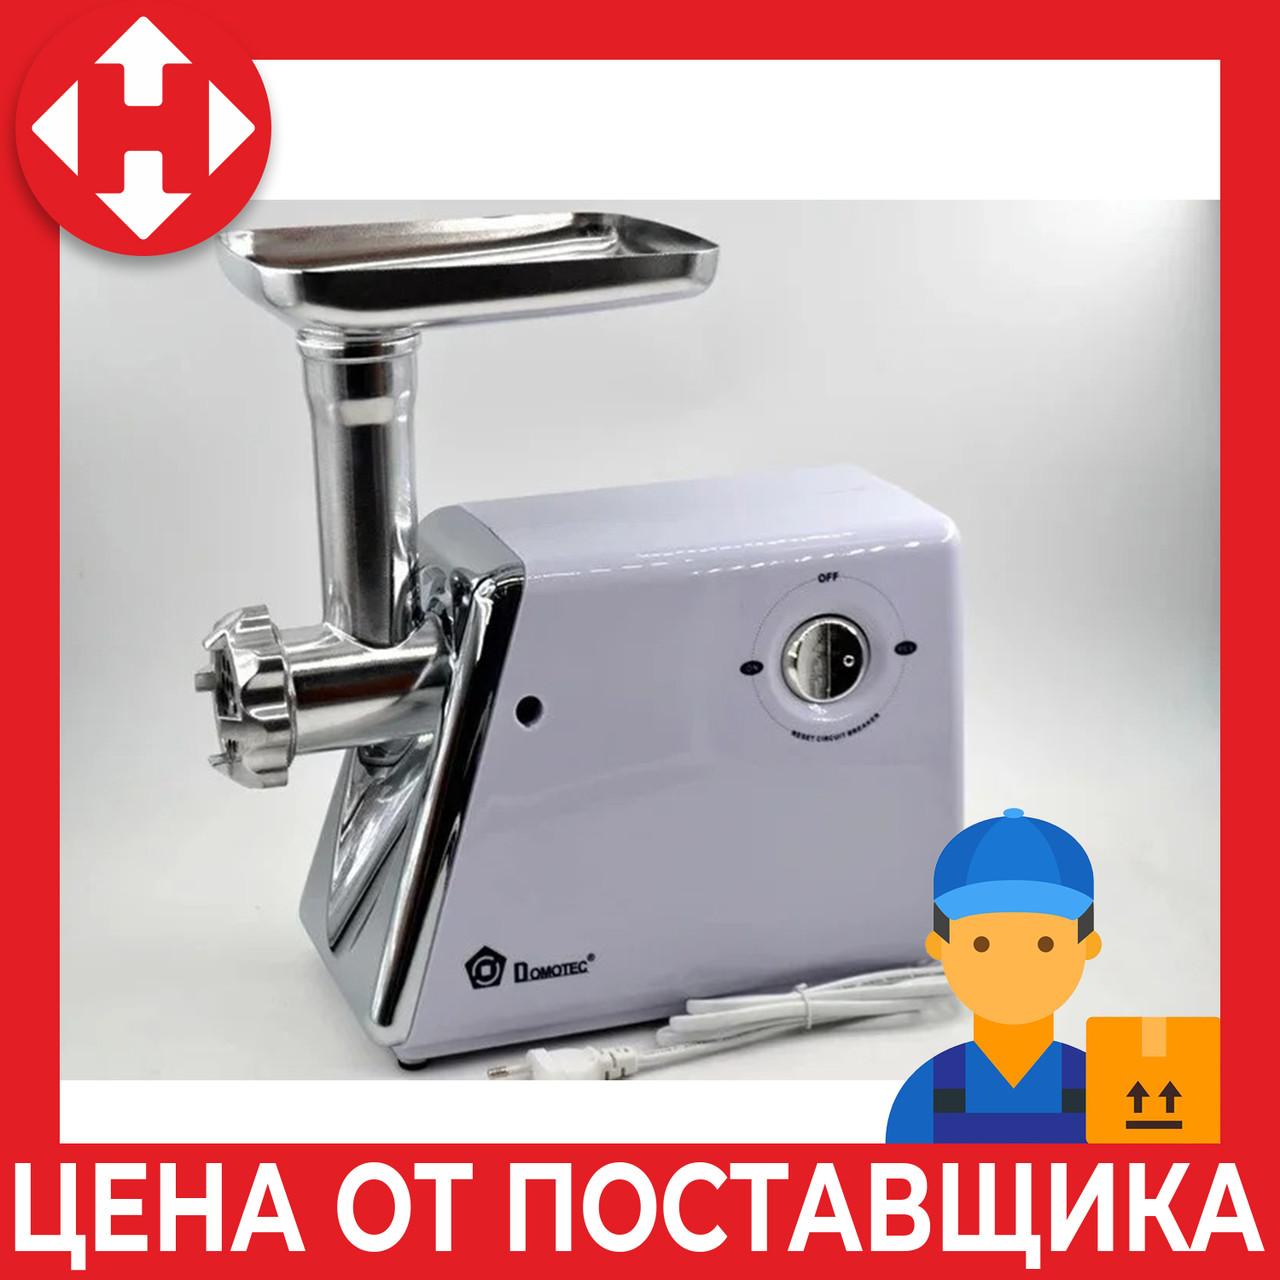 Электромясорубка Domotec MS 2018 - 2500W электро мясорубка с насадками для колбасы кеббе (Белая)